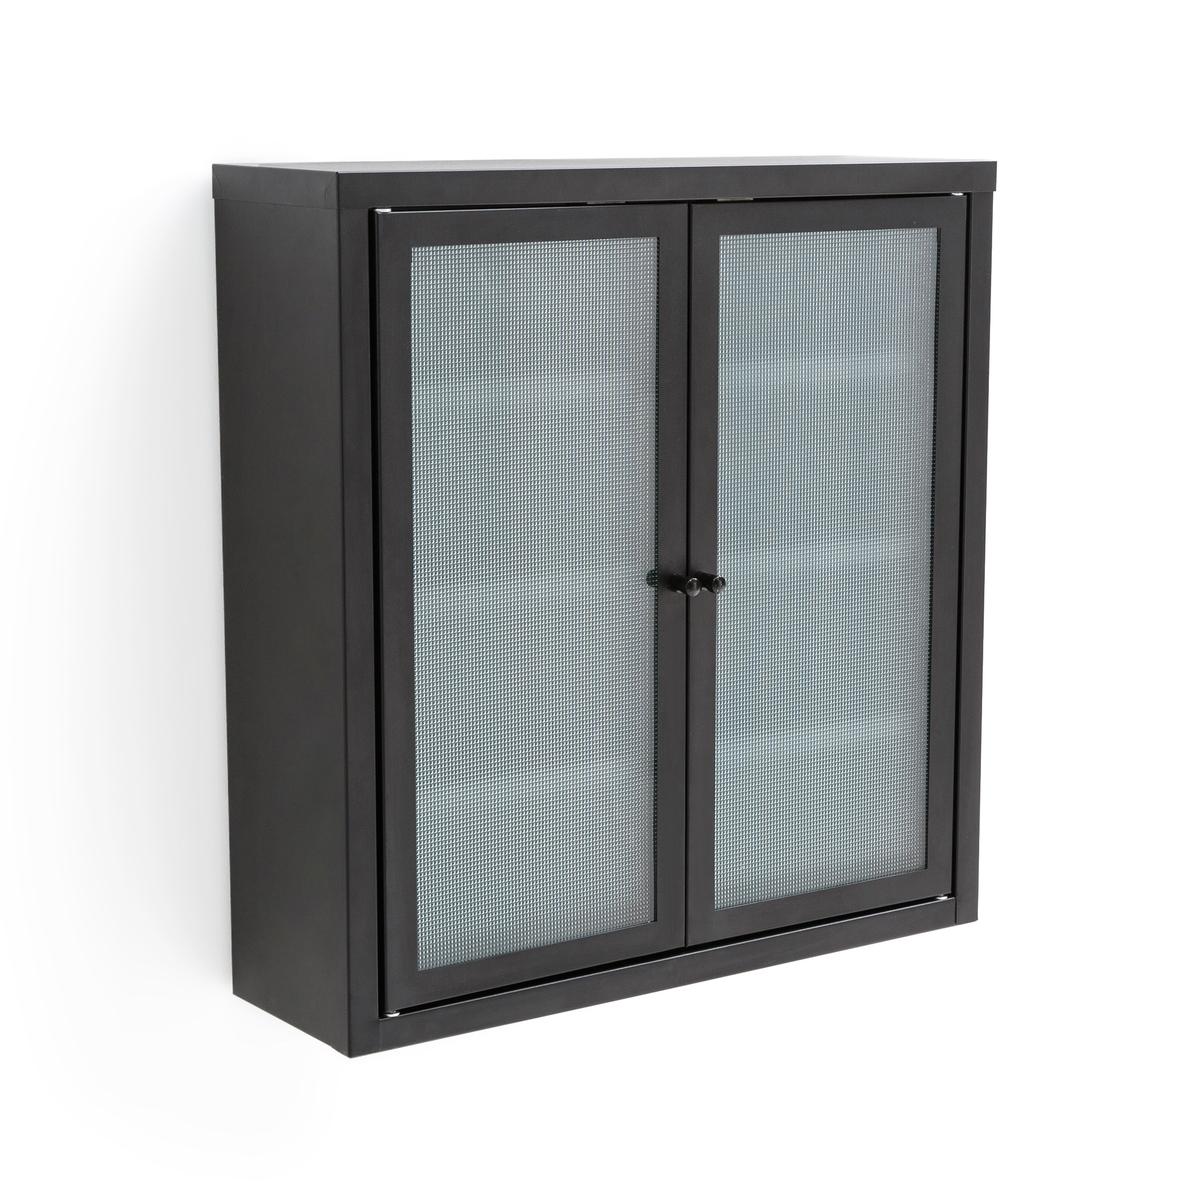 Шкаф настенный с 2 дверцами из металла и стекла PODA